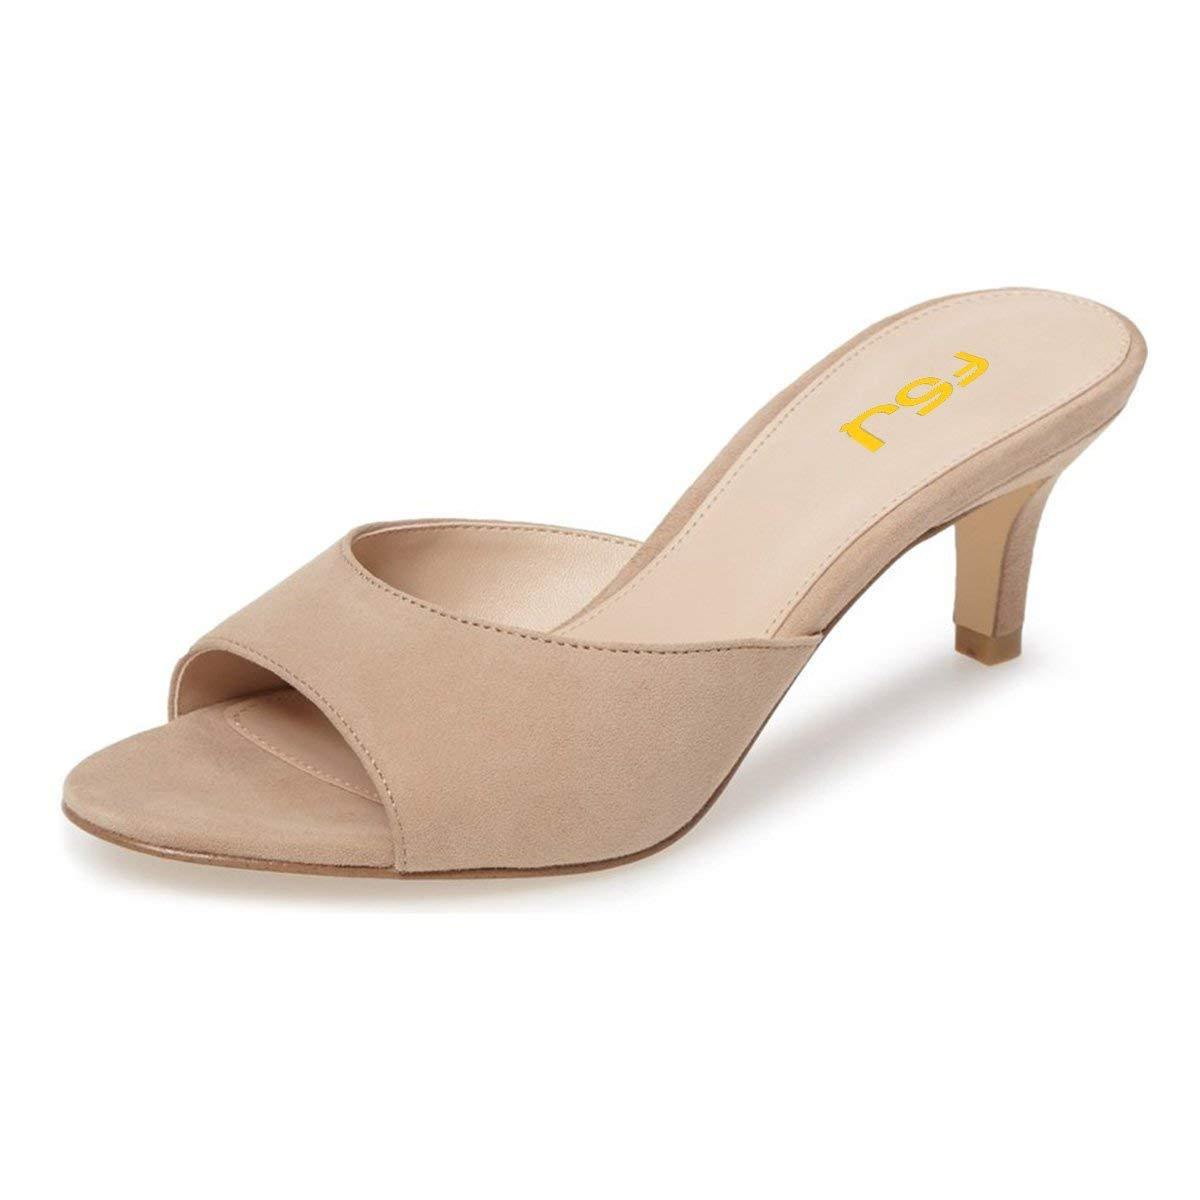 FSJ Women Comfort Low Heel Mules Peep Toe Suede Sandals Slip On Dress Pump  Shoes Size 9 Beige-6cm 11601eaa73fa